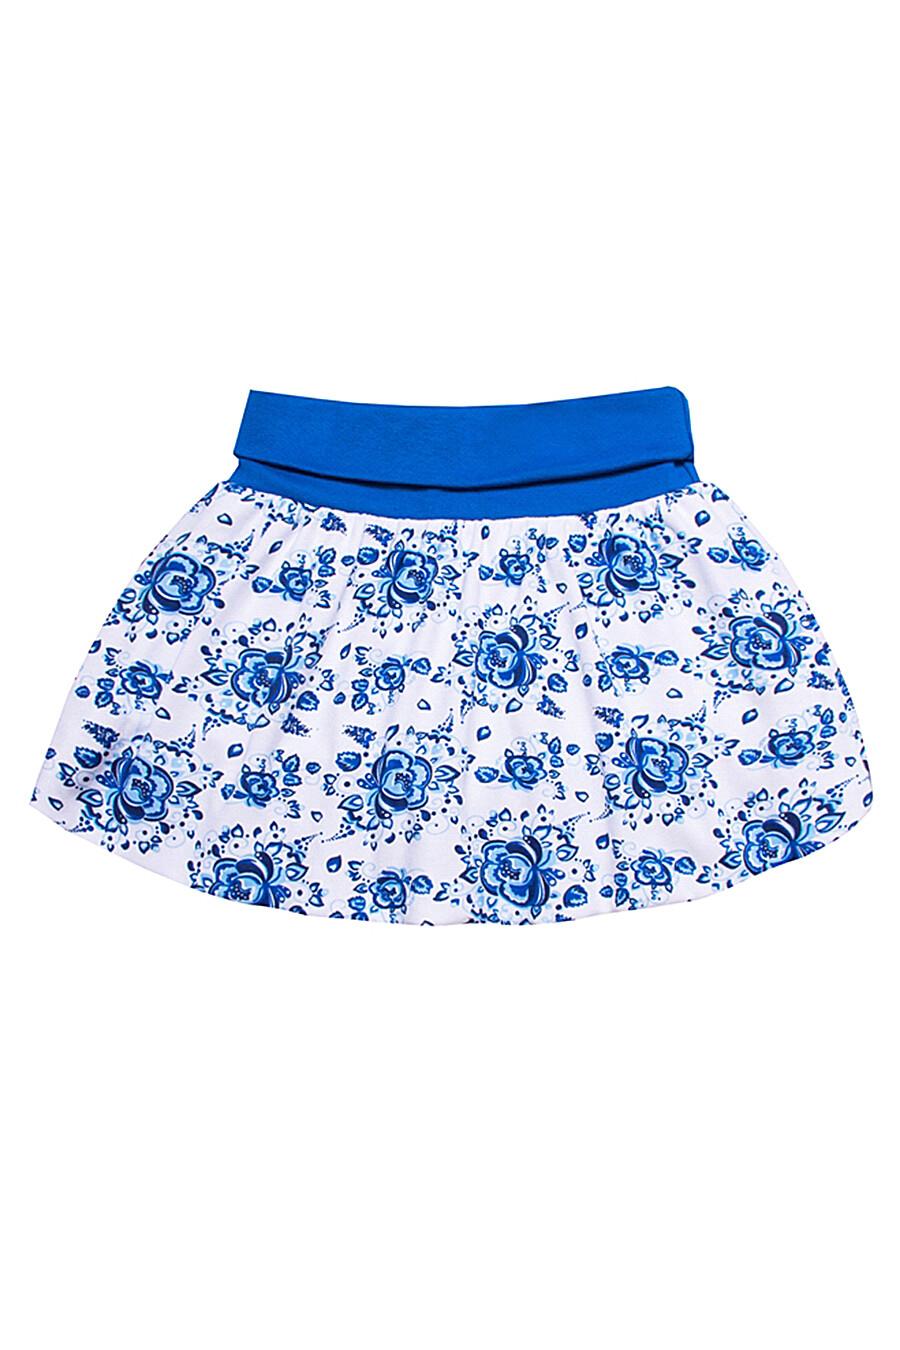 Юбка для девочек АПРЕЛЬ 699920 купить оптом от производителя. Совместная покупка детской одежды в OptMoyo